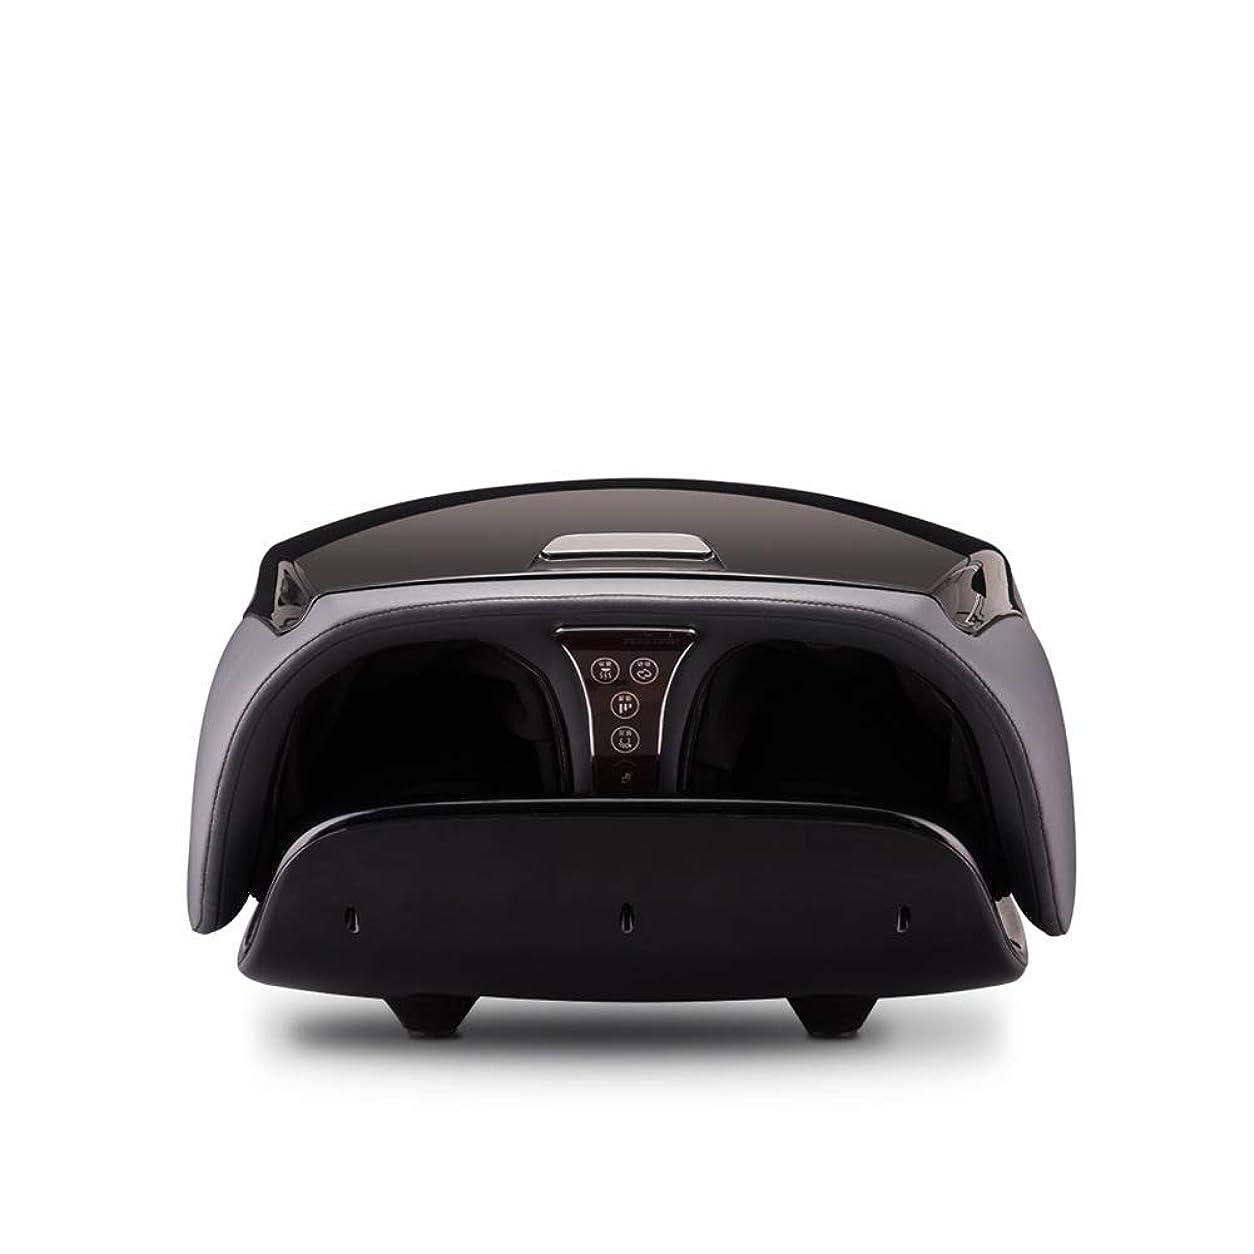 指圧フットマッサージャー電気ベルト加熱機能洗える足カバーホームオフィス用調節可能な強度